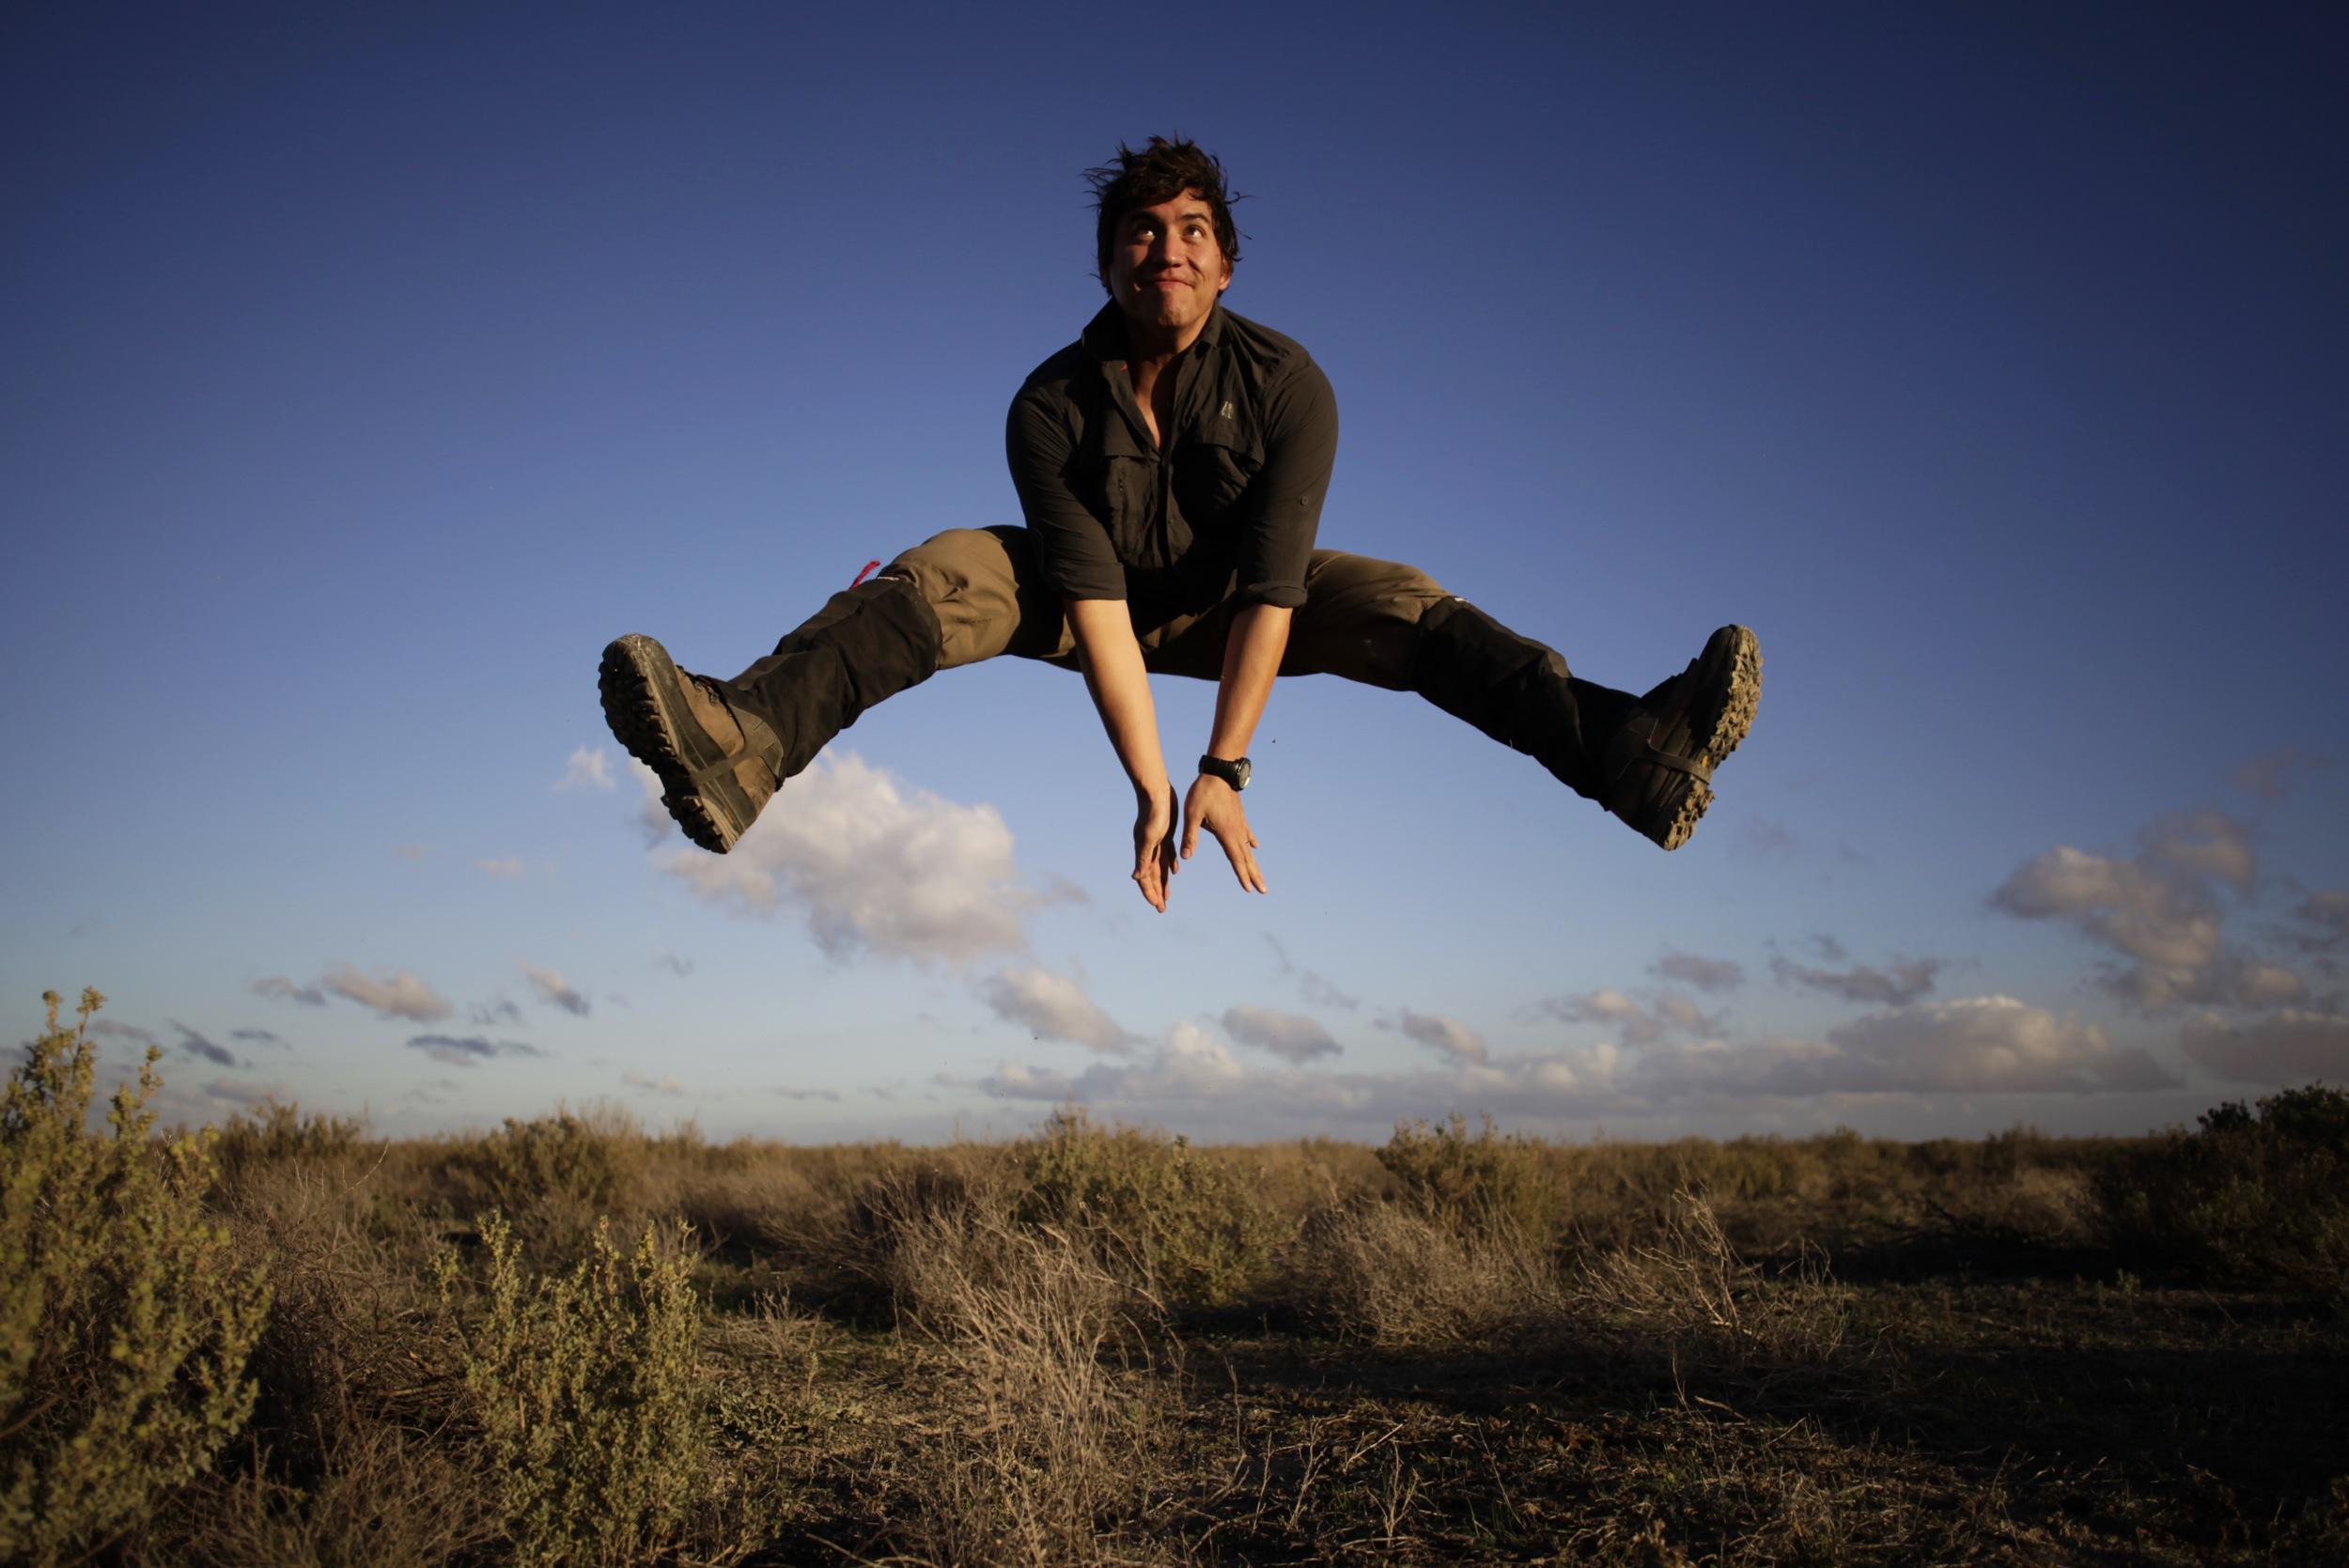 adventurer, presenter, documentary producer & motivational speaker